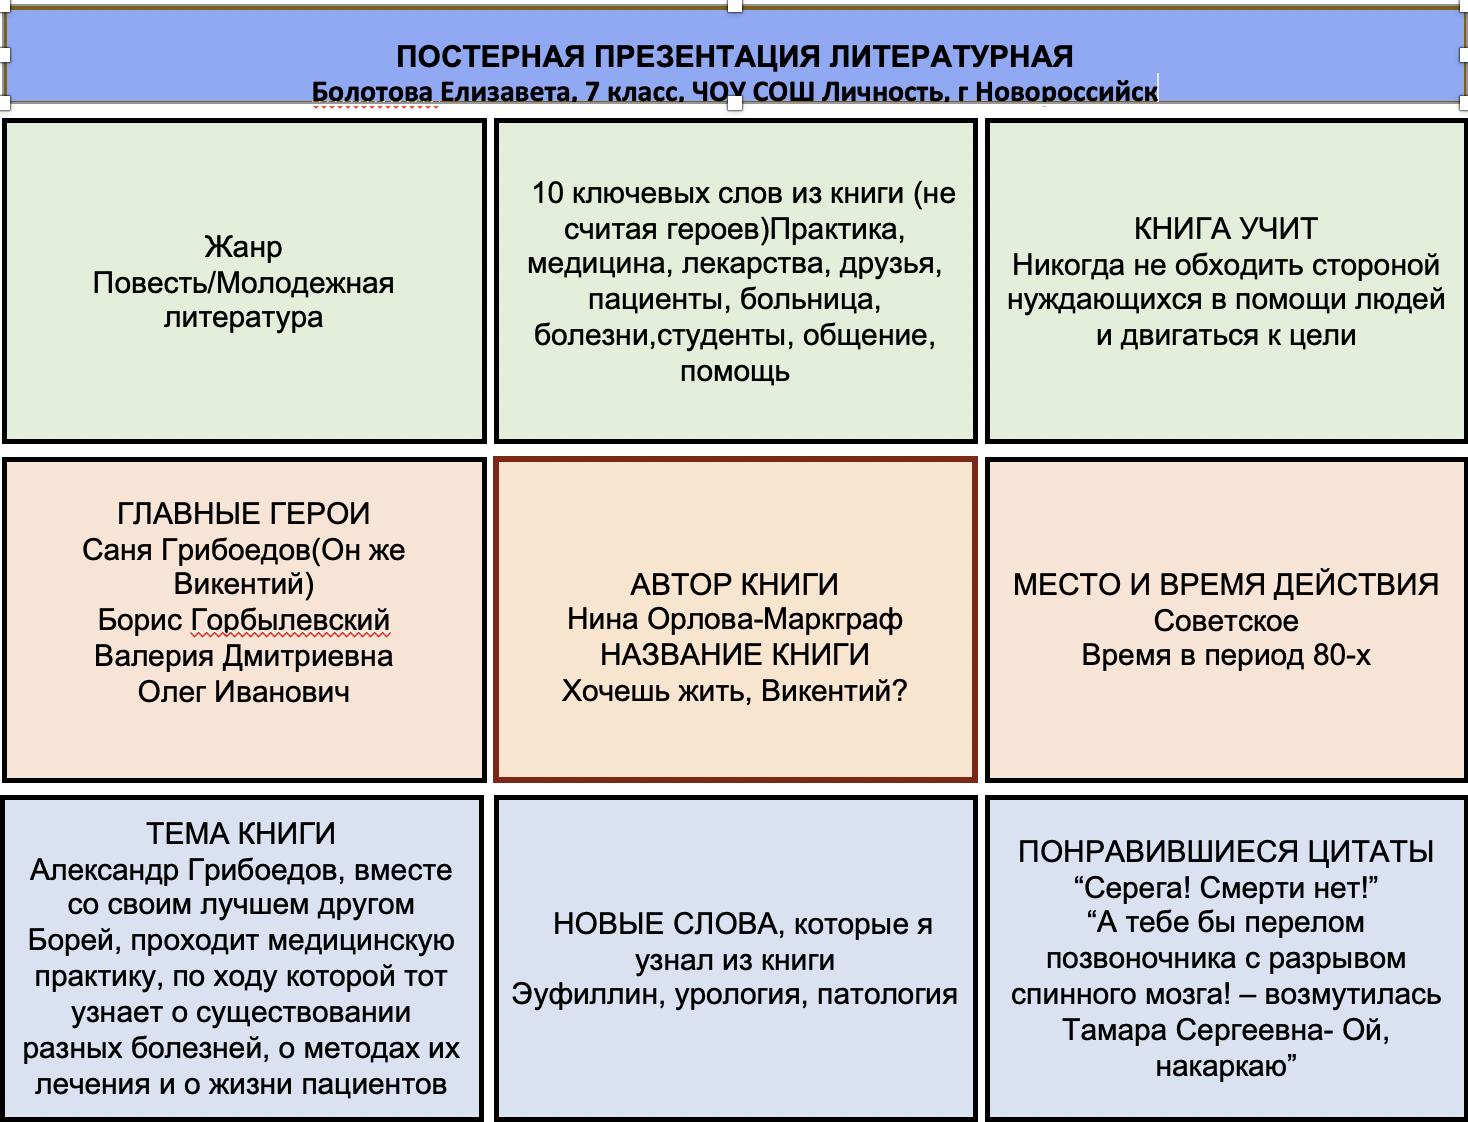 Проект по книге Н. Орловский-Марграф «Хочешь жить, Викентий?»